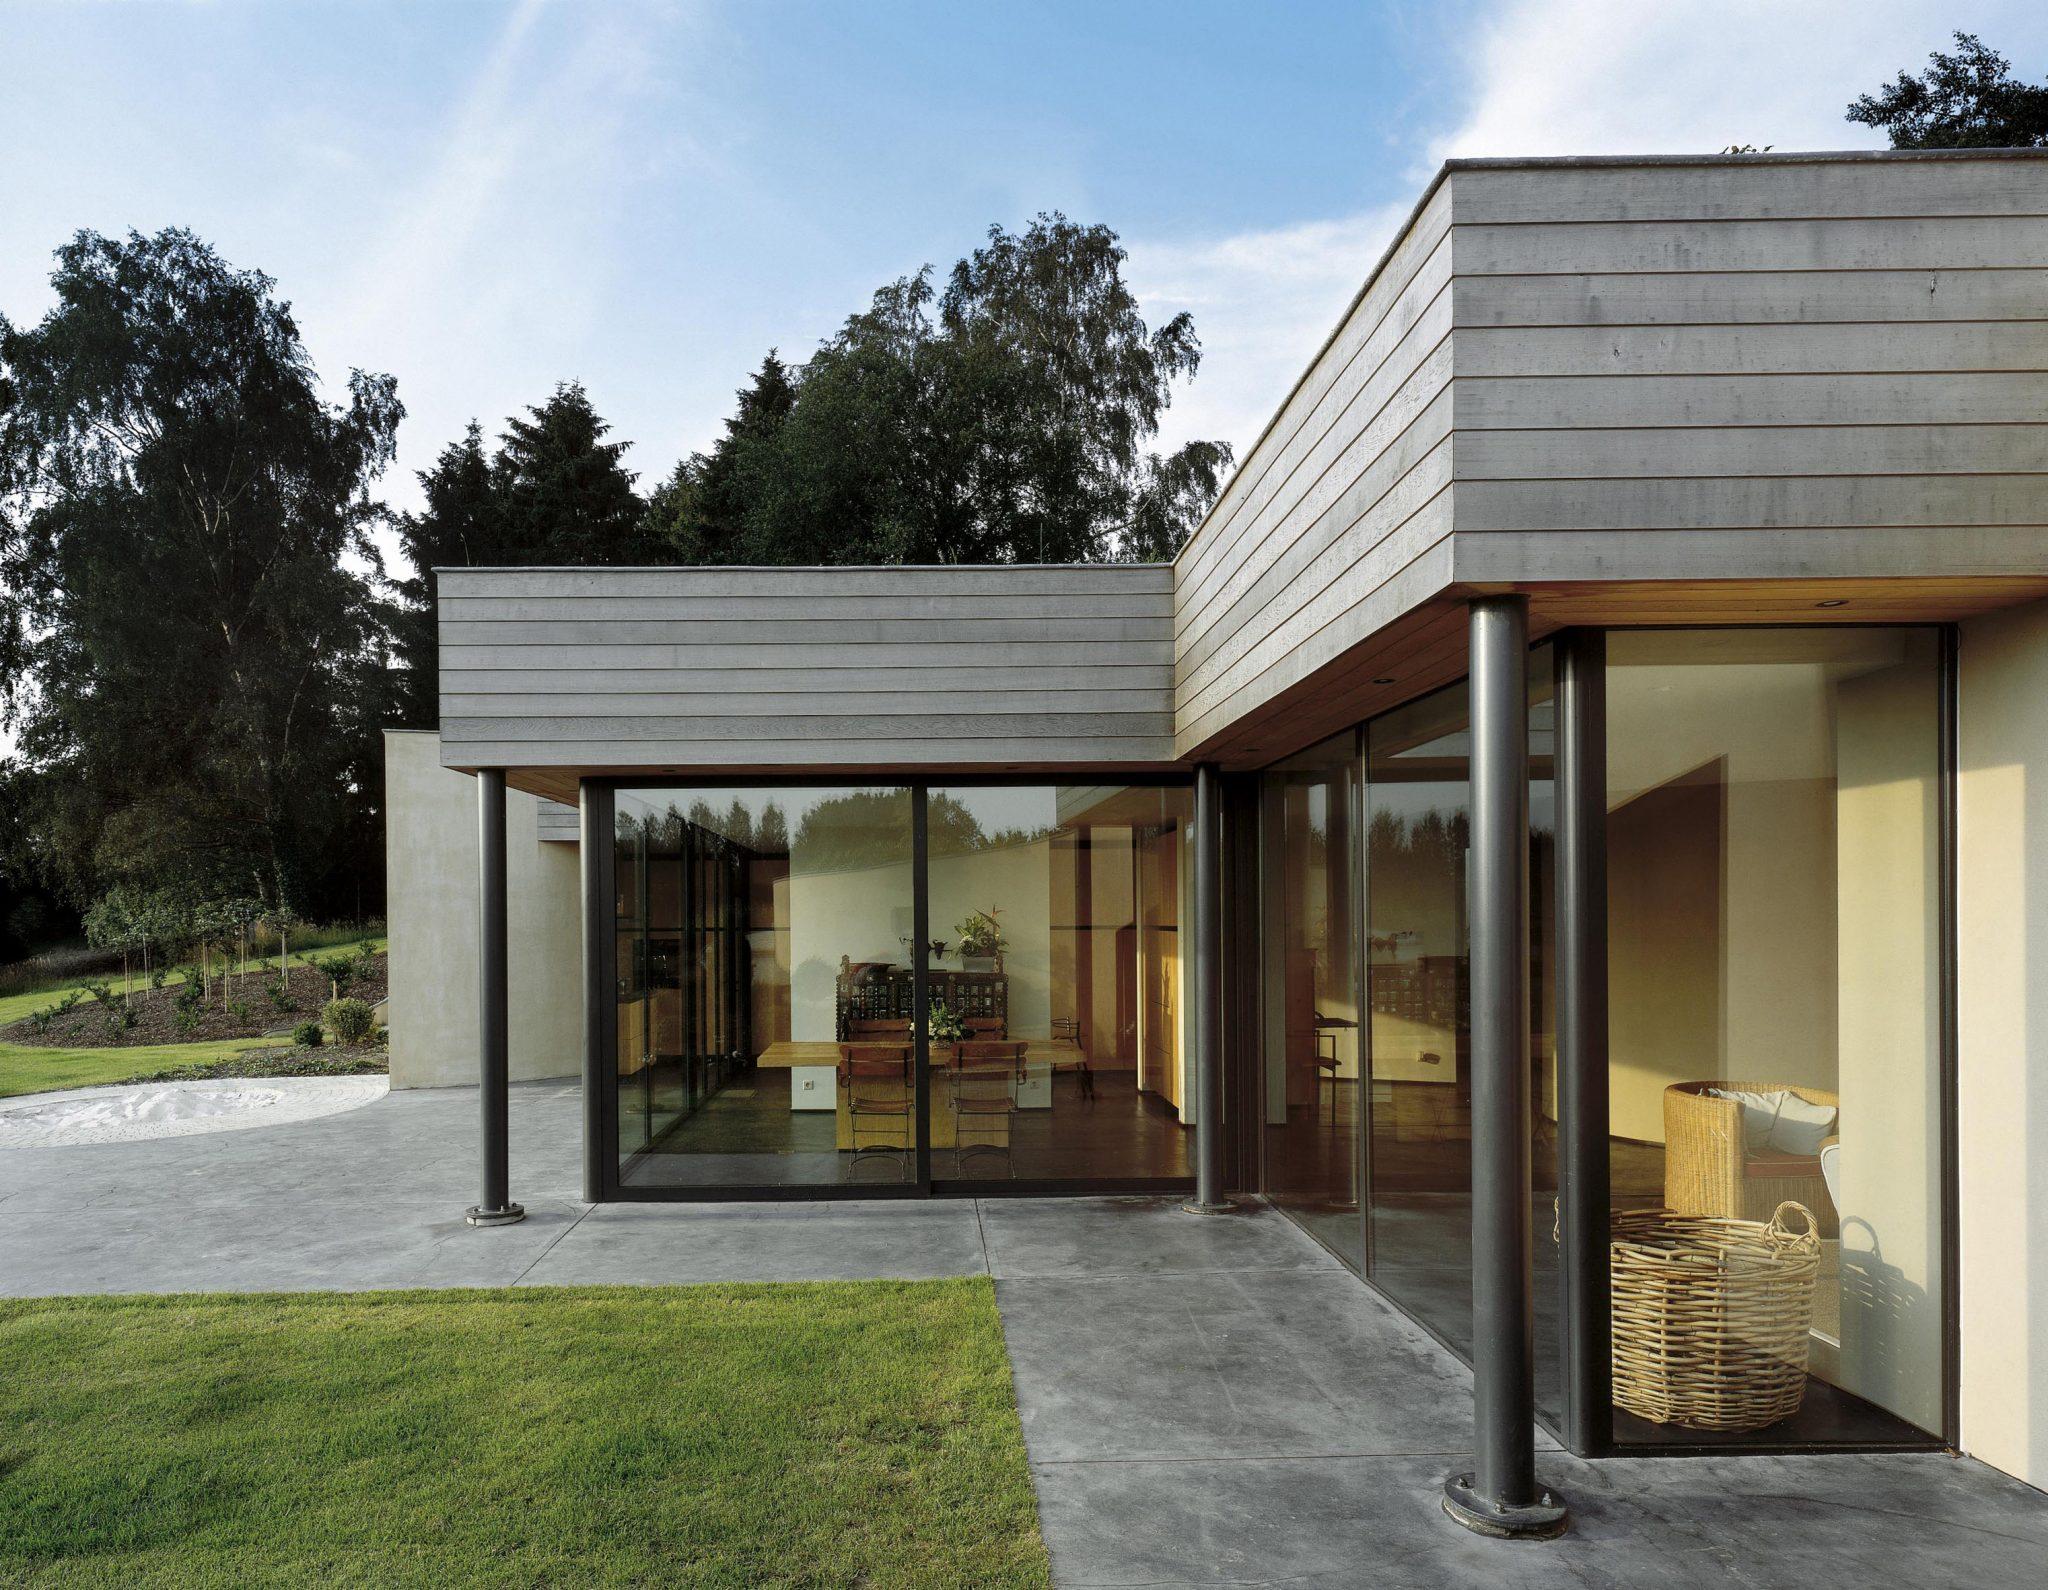 Fenetre maison moderne le monde de l a - Fenetre moderne maison ...